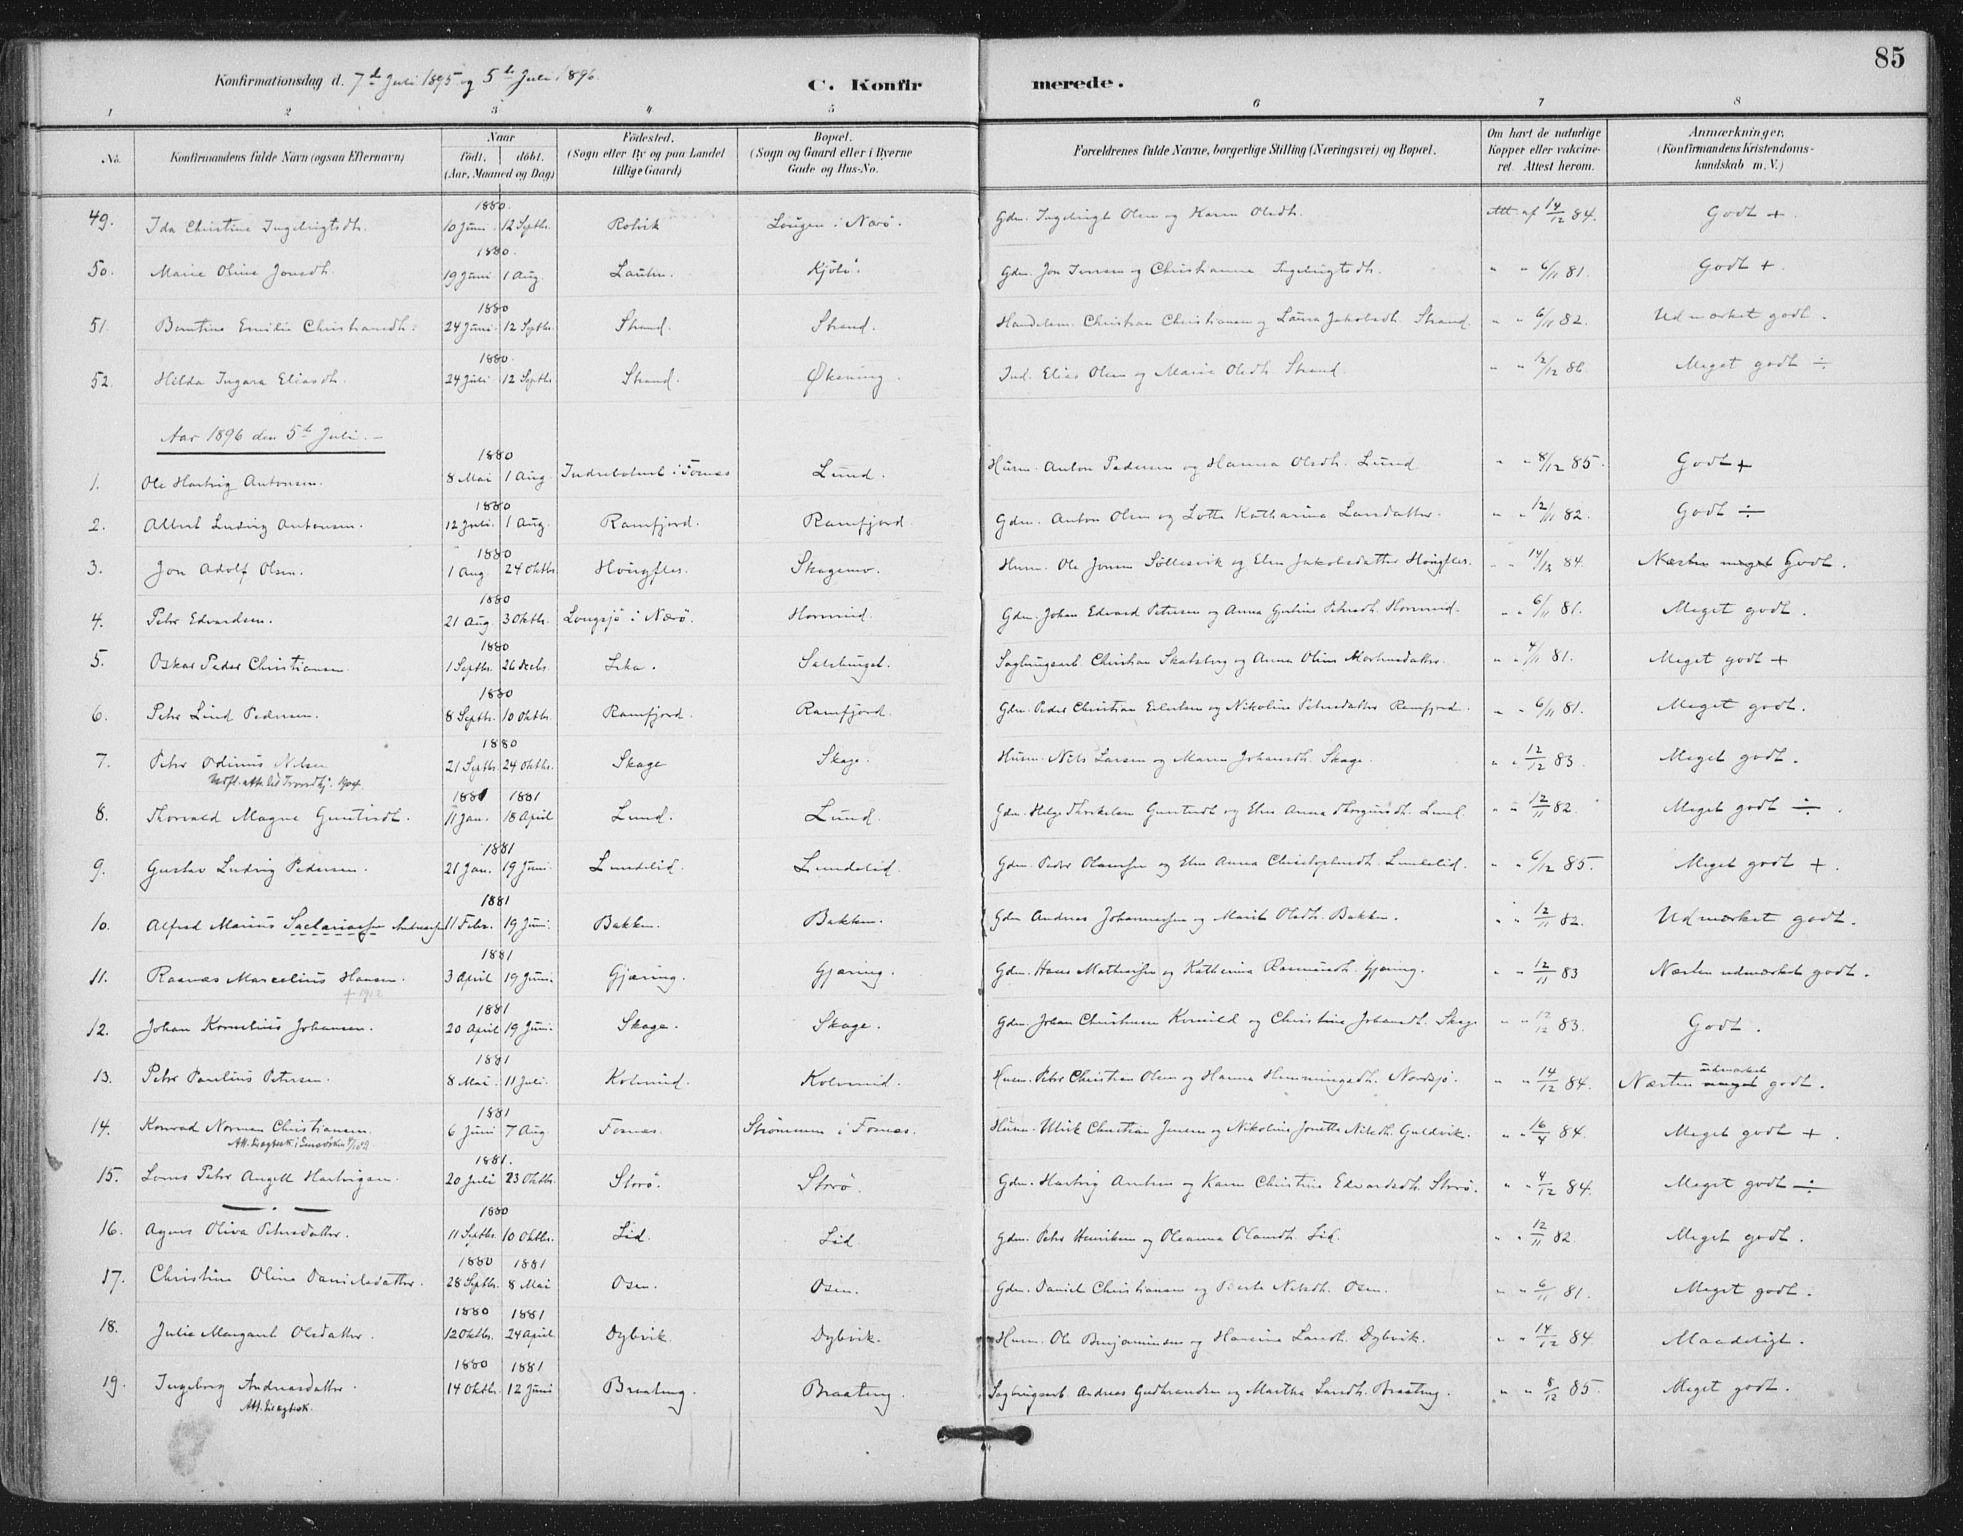 SAT, Ministerialprotokoller, klokkerbøker og fødselsregistre - Nord-Trøndelag, 780/L0644: Ministerialbok nr. 780A08, 1886-1903, s. 85